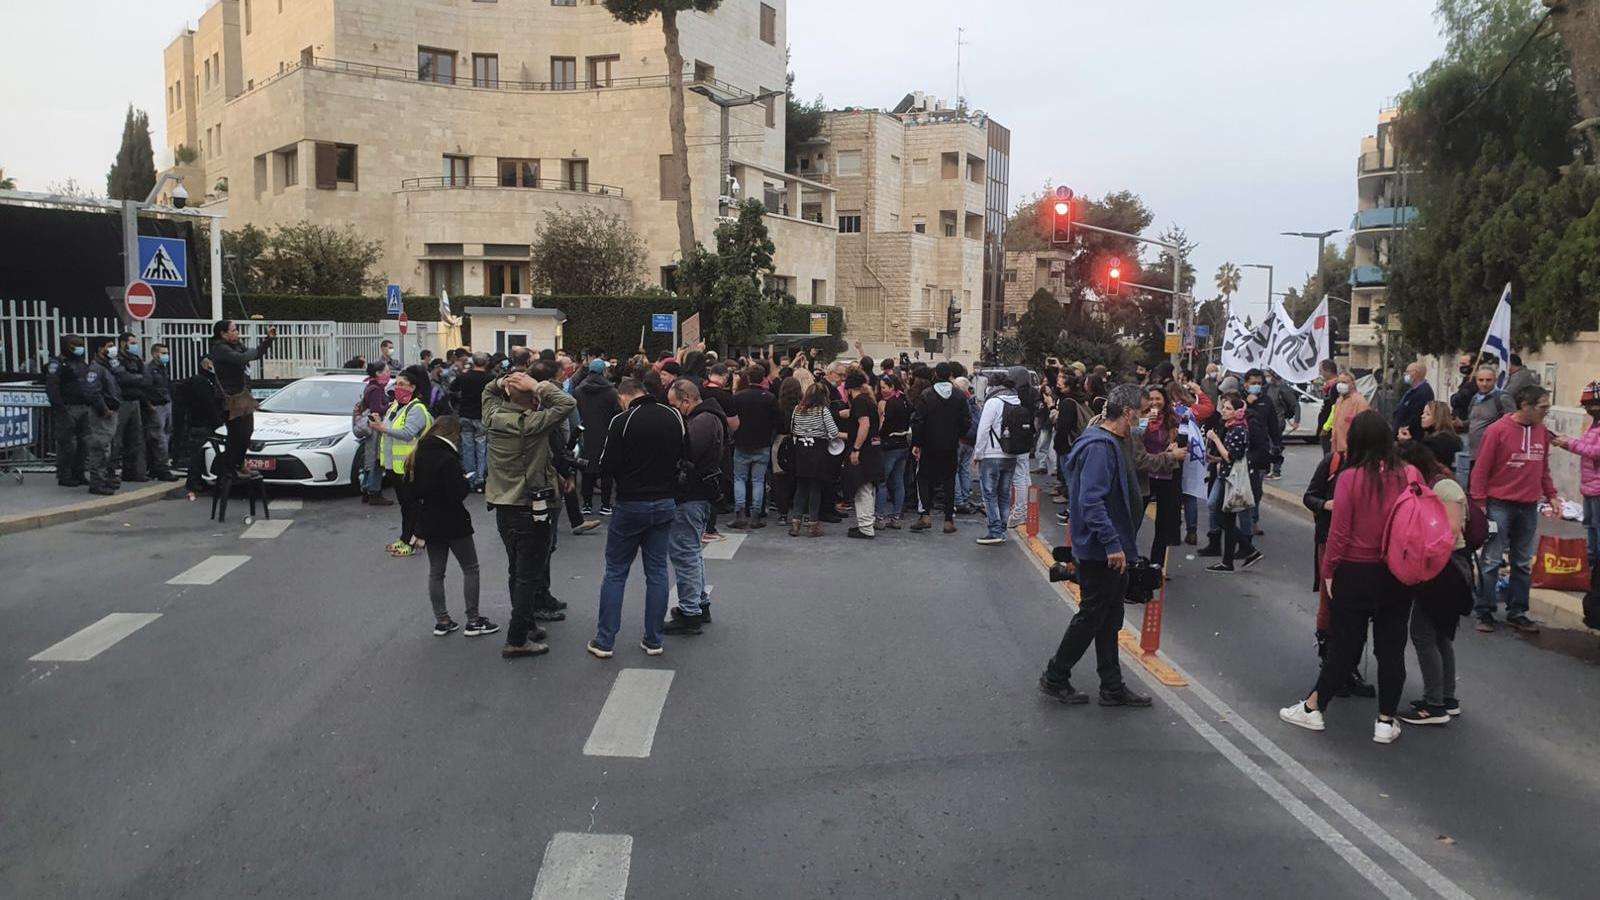 7 מפגיני שמאל נעצרו במהלך מחאות האנרכיסטים בירושלים